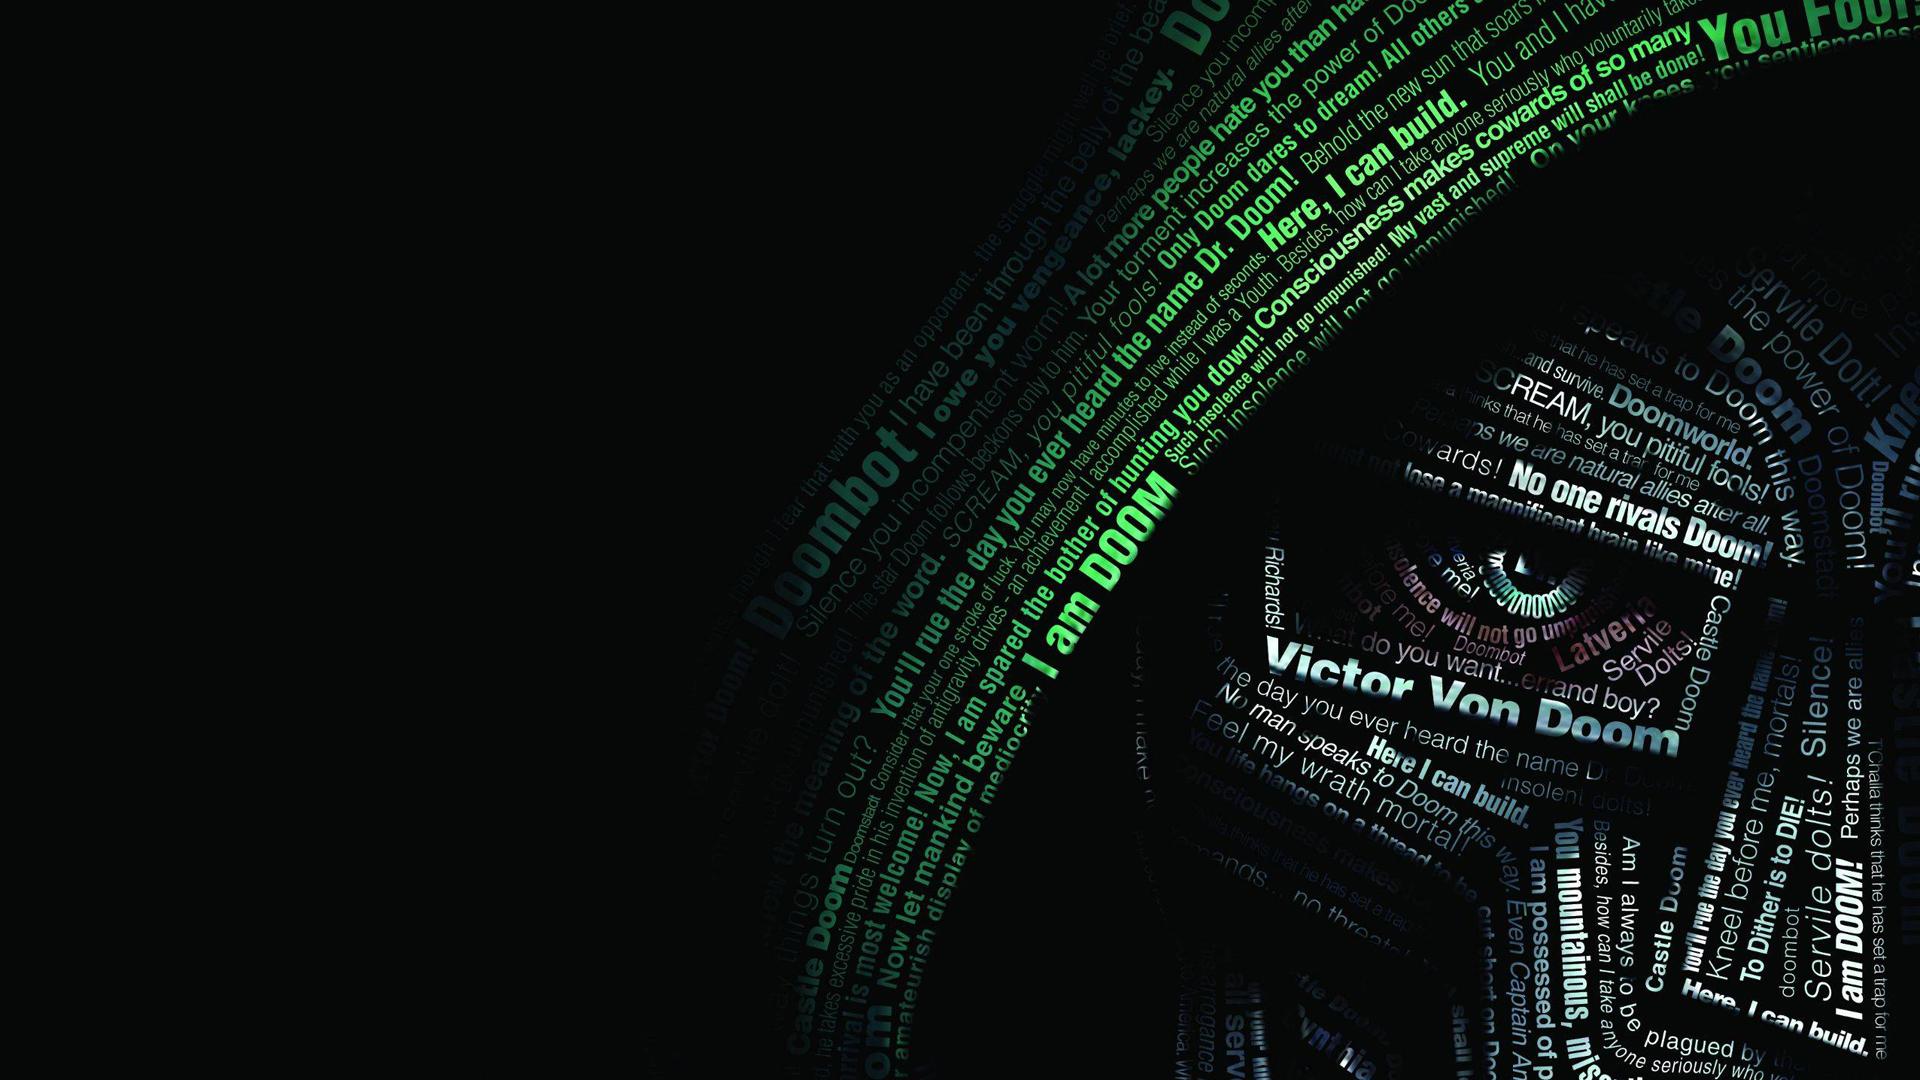 Doctor Doom Computer Wallpapers Desktop Backgrounds 1920x1080 ID 1920x1080